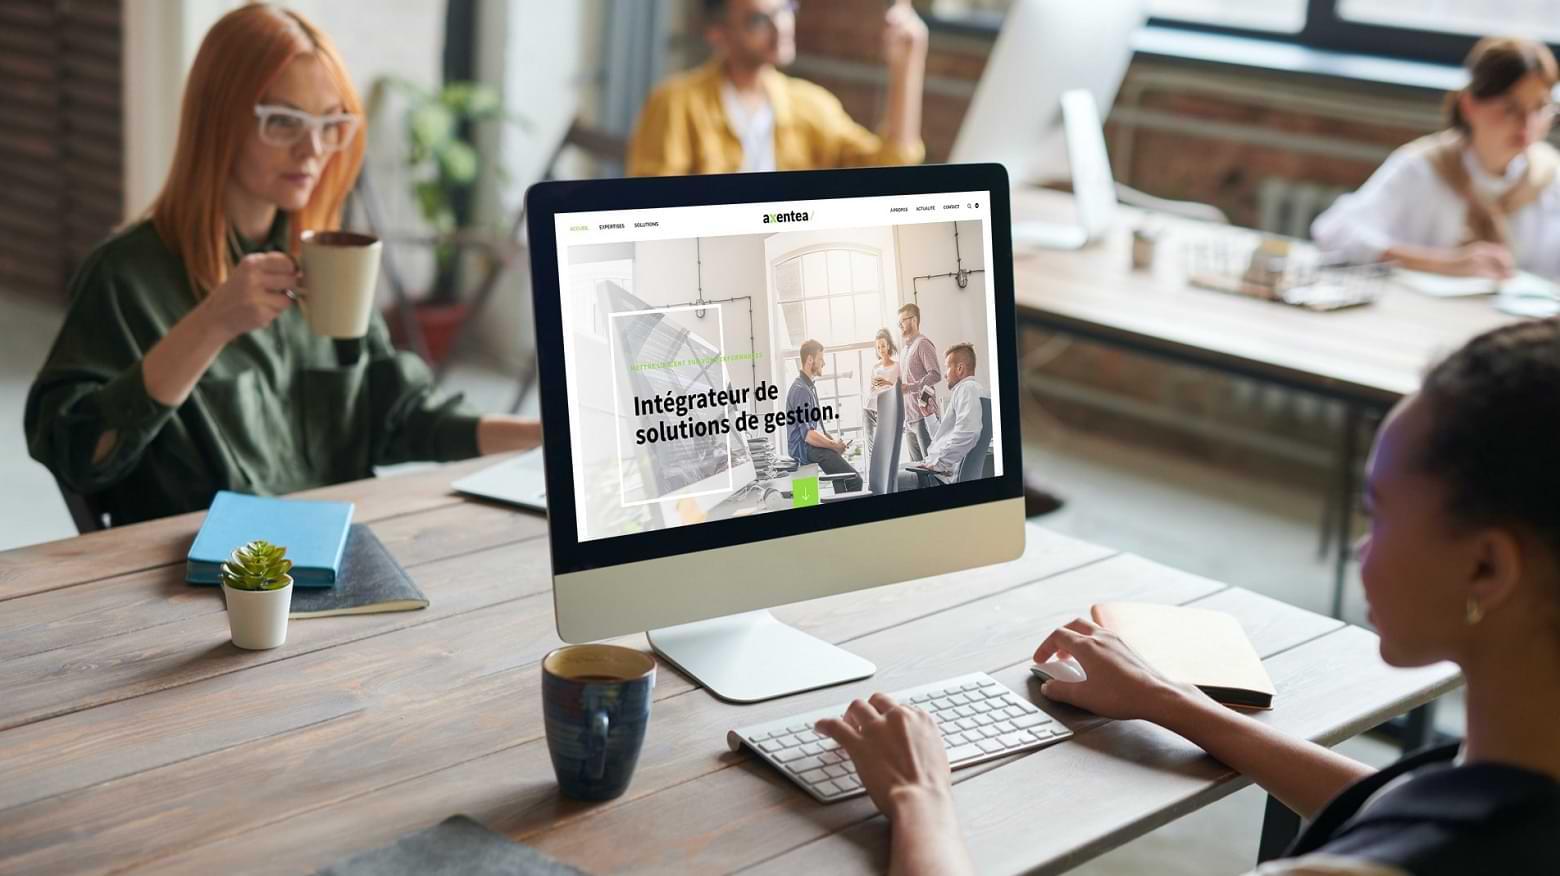 Site corporate Axentea, intégrateur de solutions de gestion, membre Top League SAGE